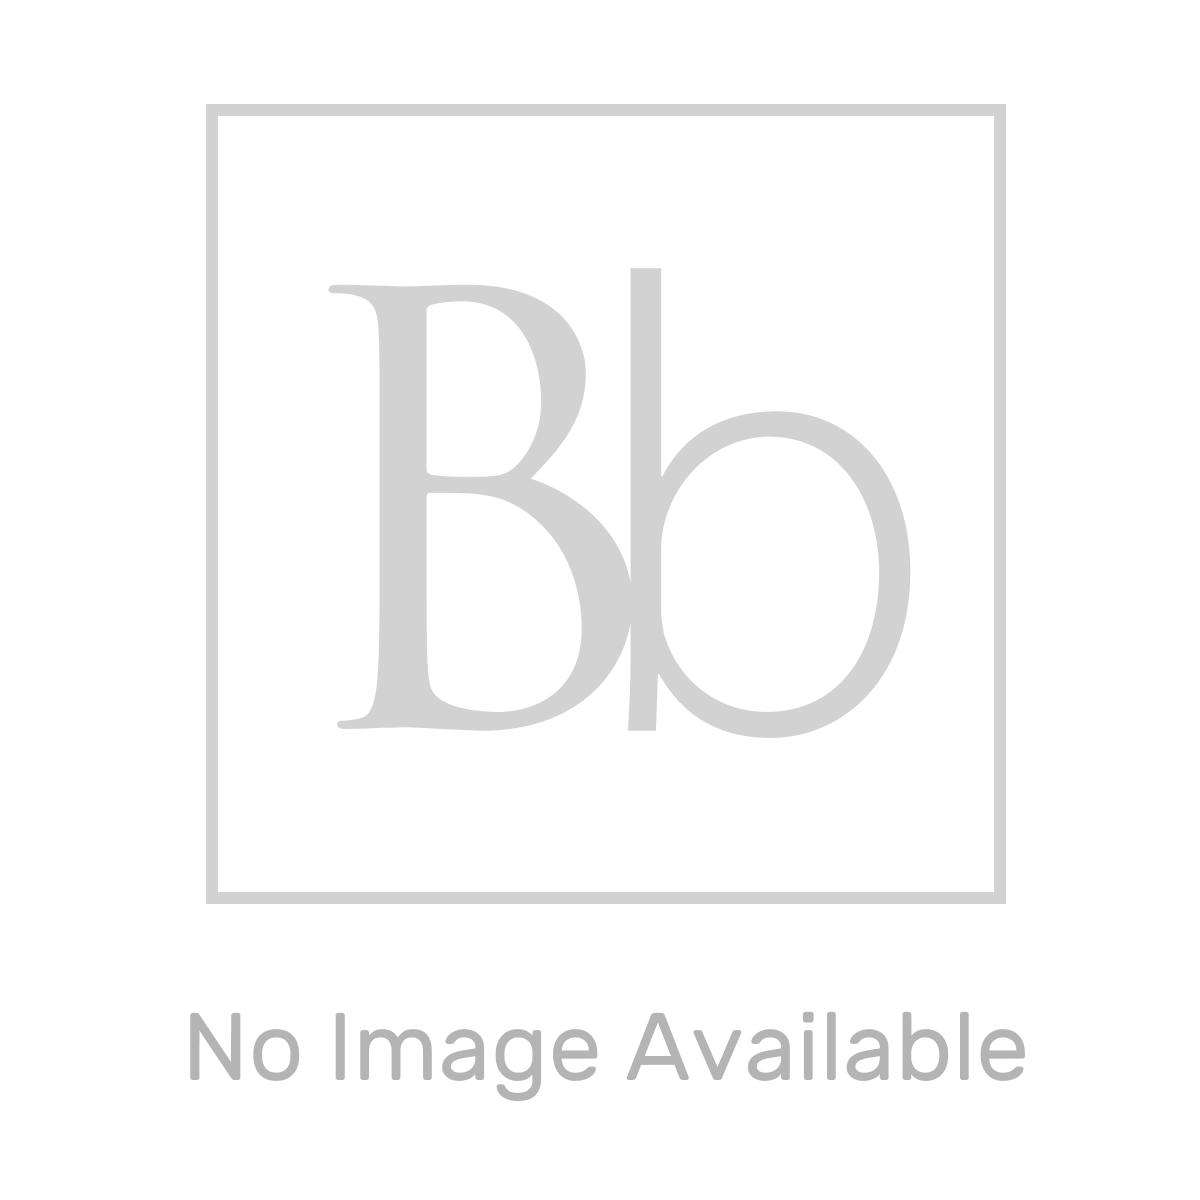 Double Door Stainless Steel Bathroom Cabinet